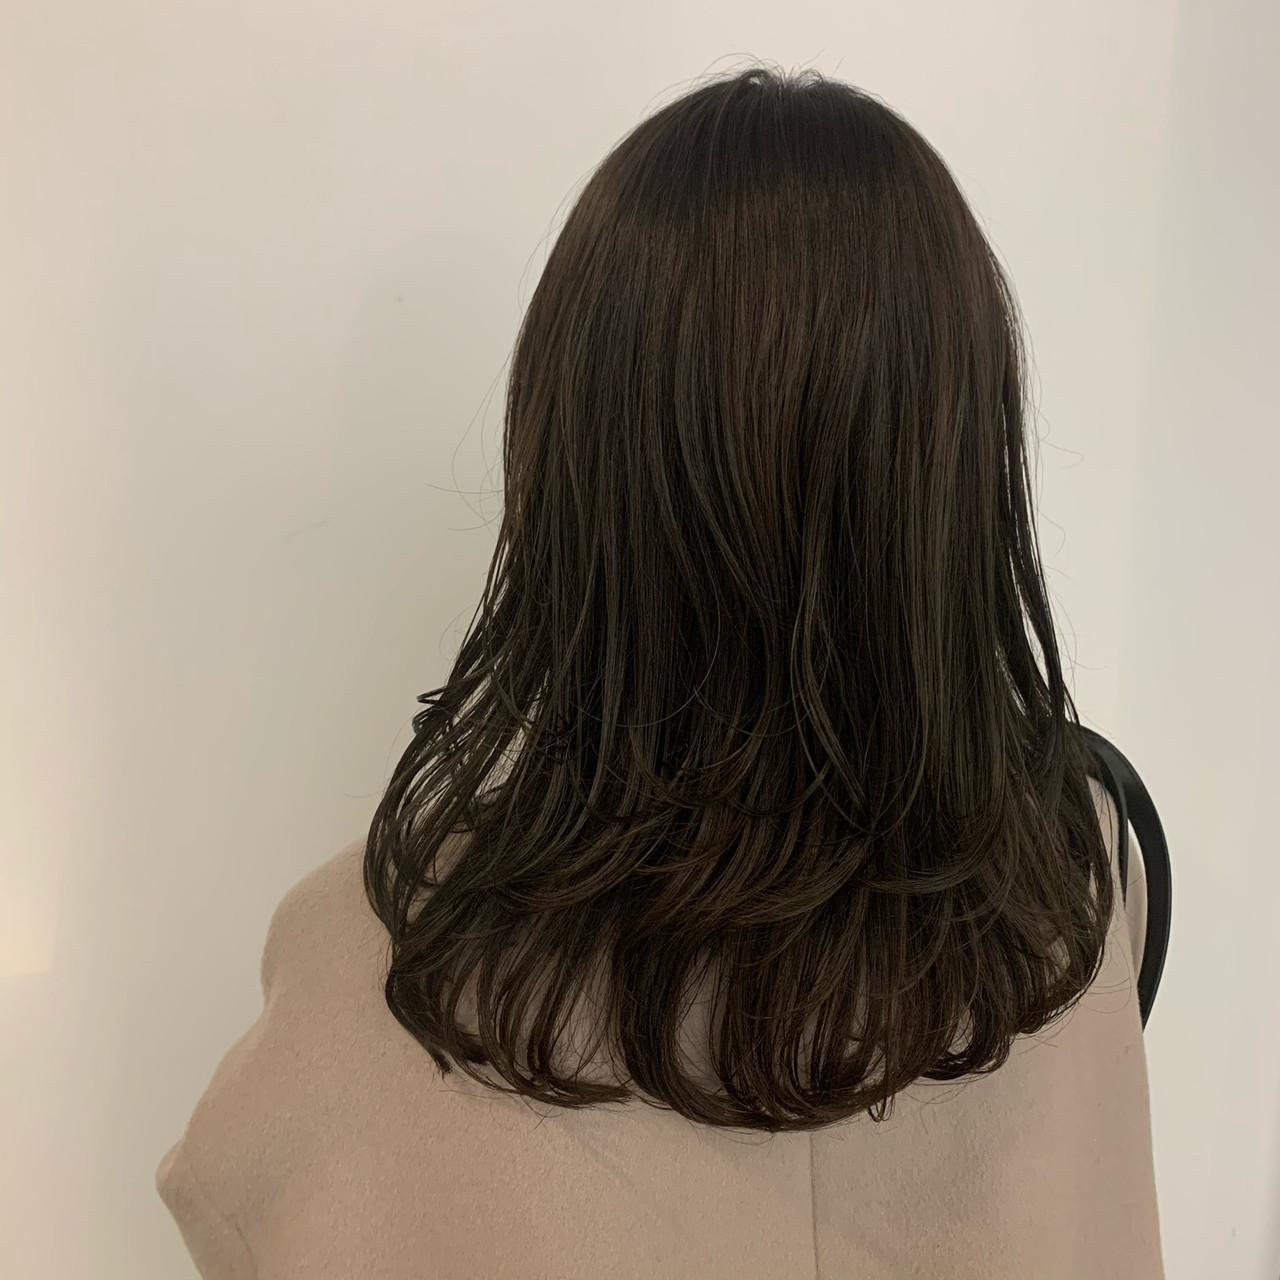 透明感カラー レイヤーカット ナチュラル ワンカールスタイリング ヘアスタイルや髪型の写真・画像 | 中村楓 / TONI&GUY青山